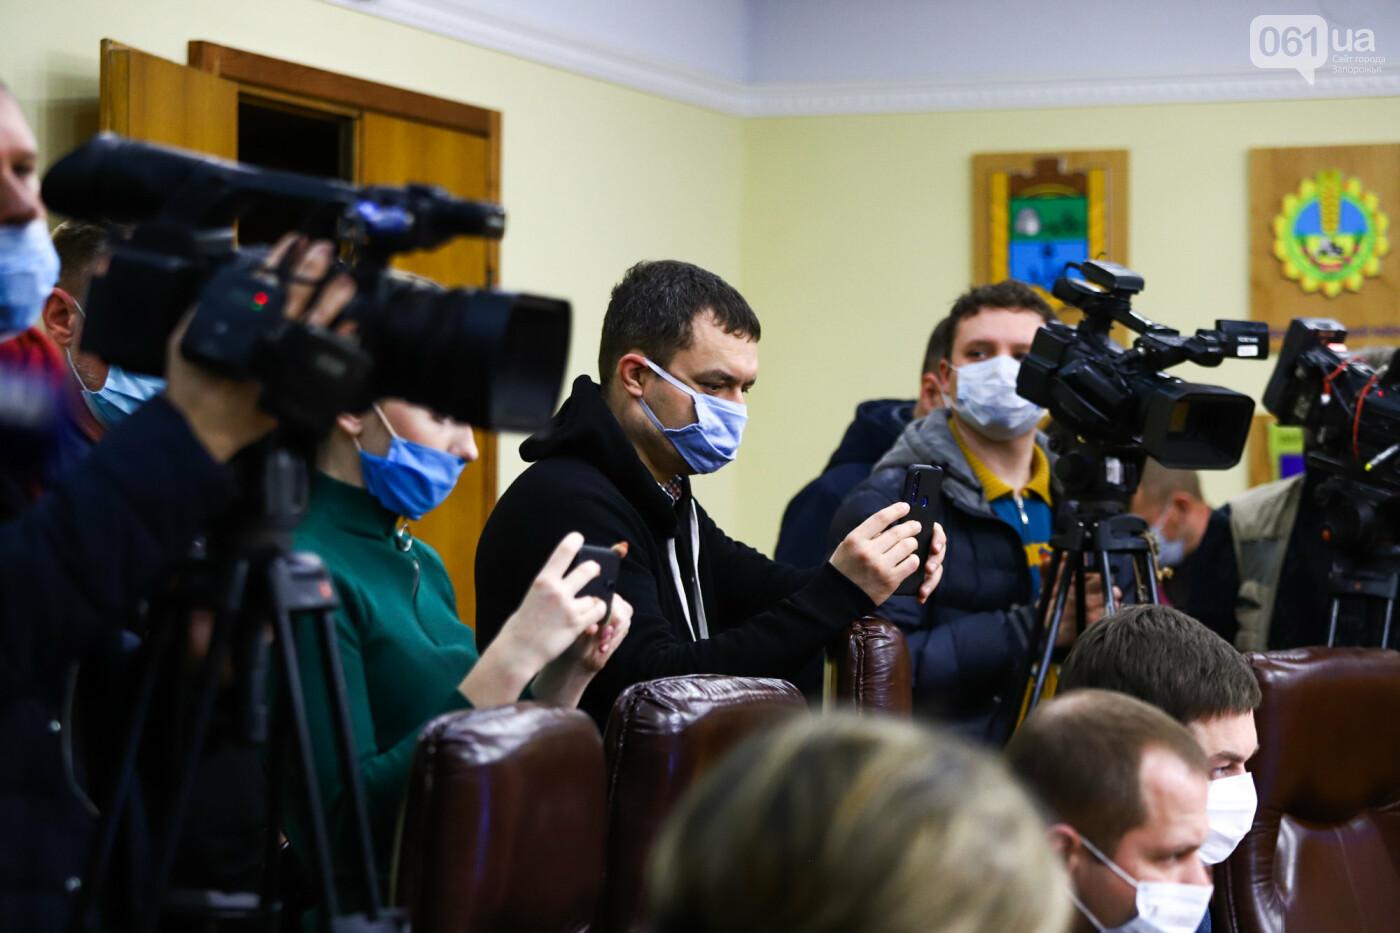 Пожар в Запорожской инфекционной больнице: все подробности происшествия, - ФОТОРЕПОРТАЖ , фото-14